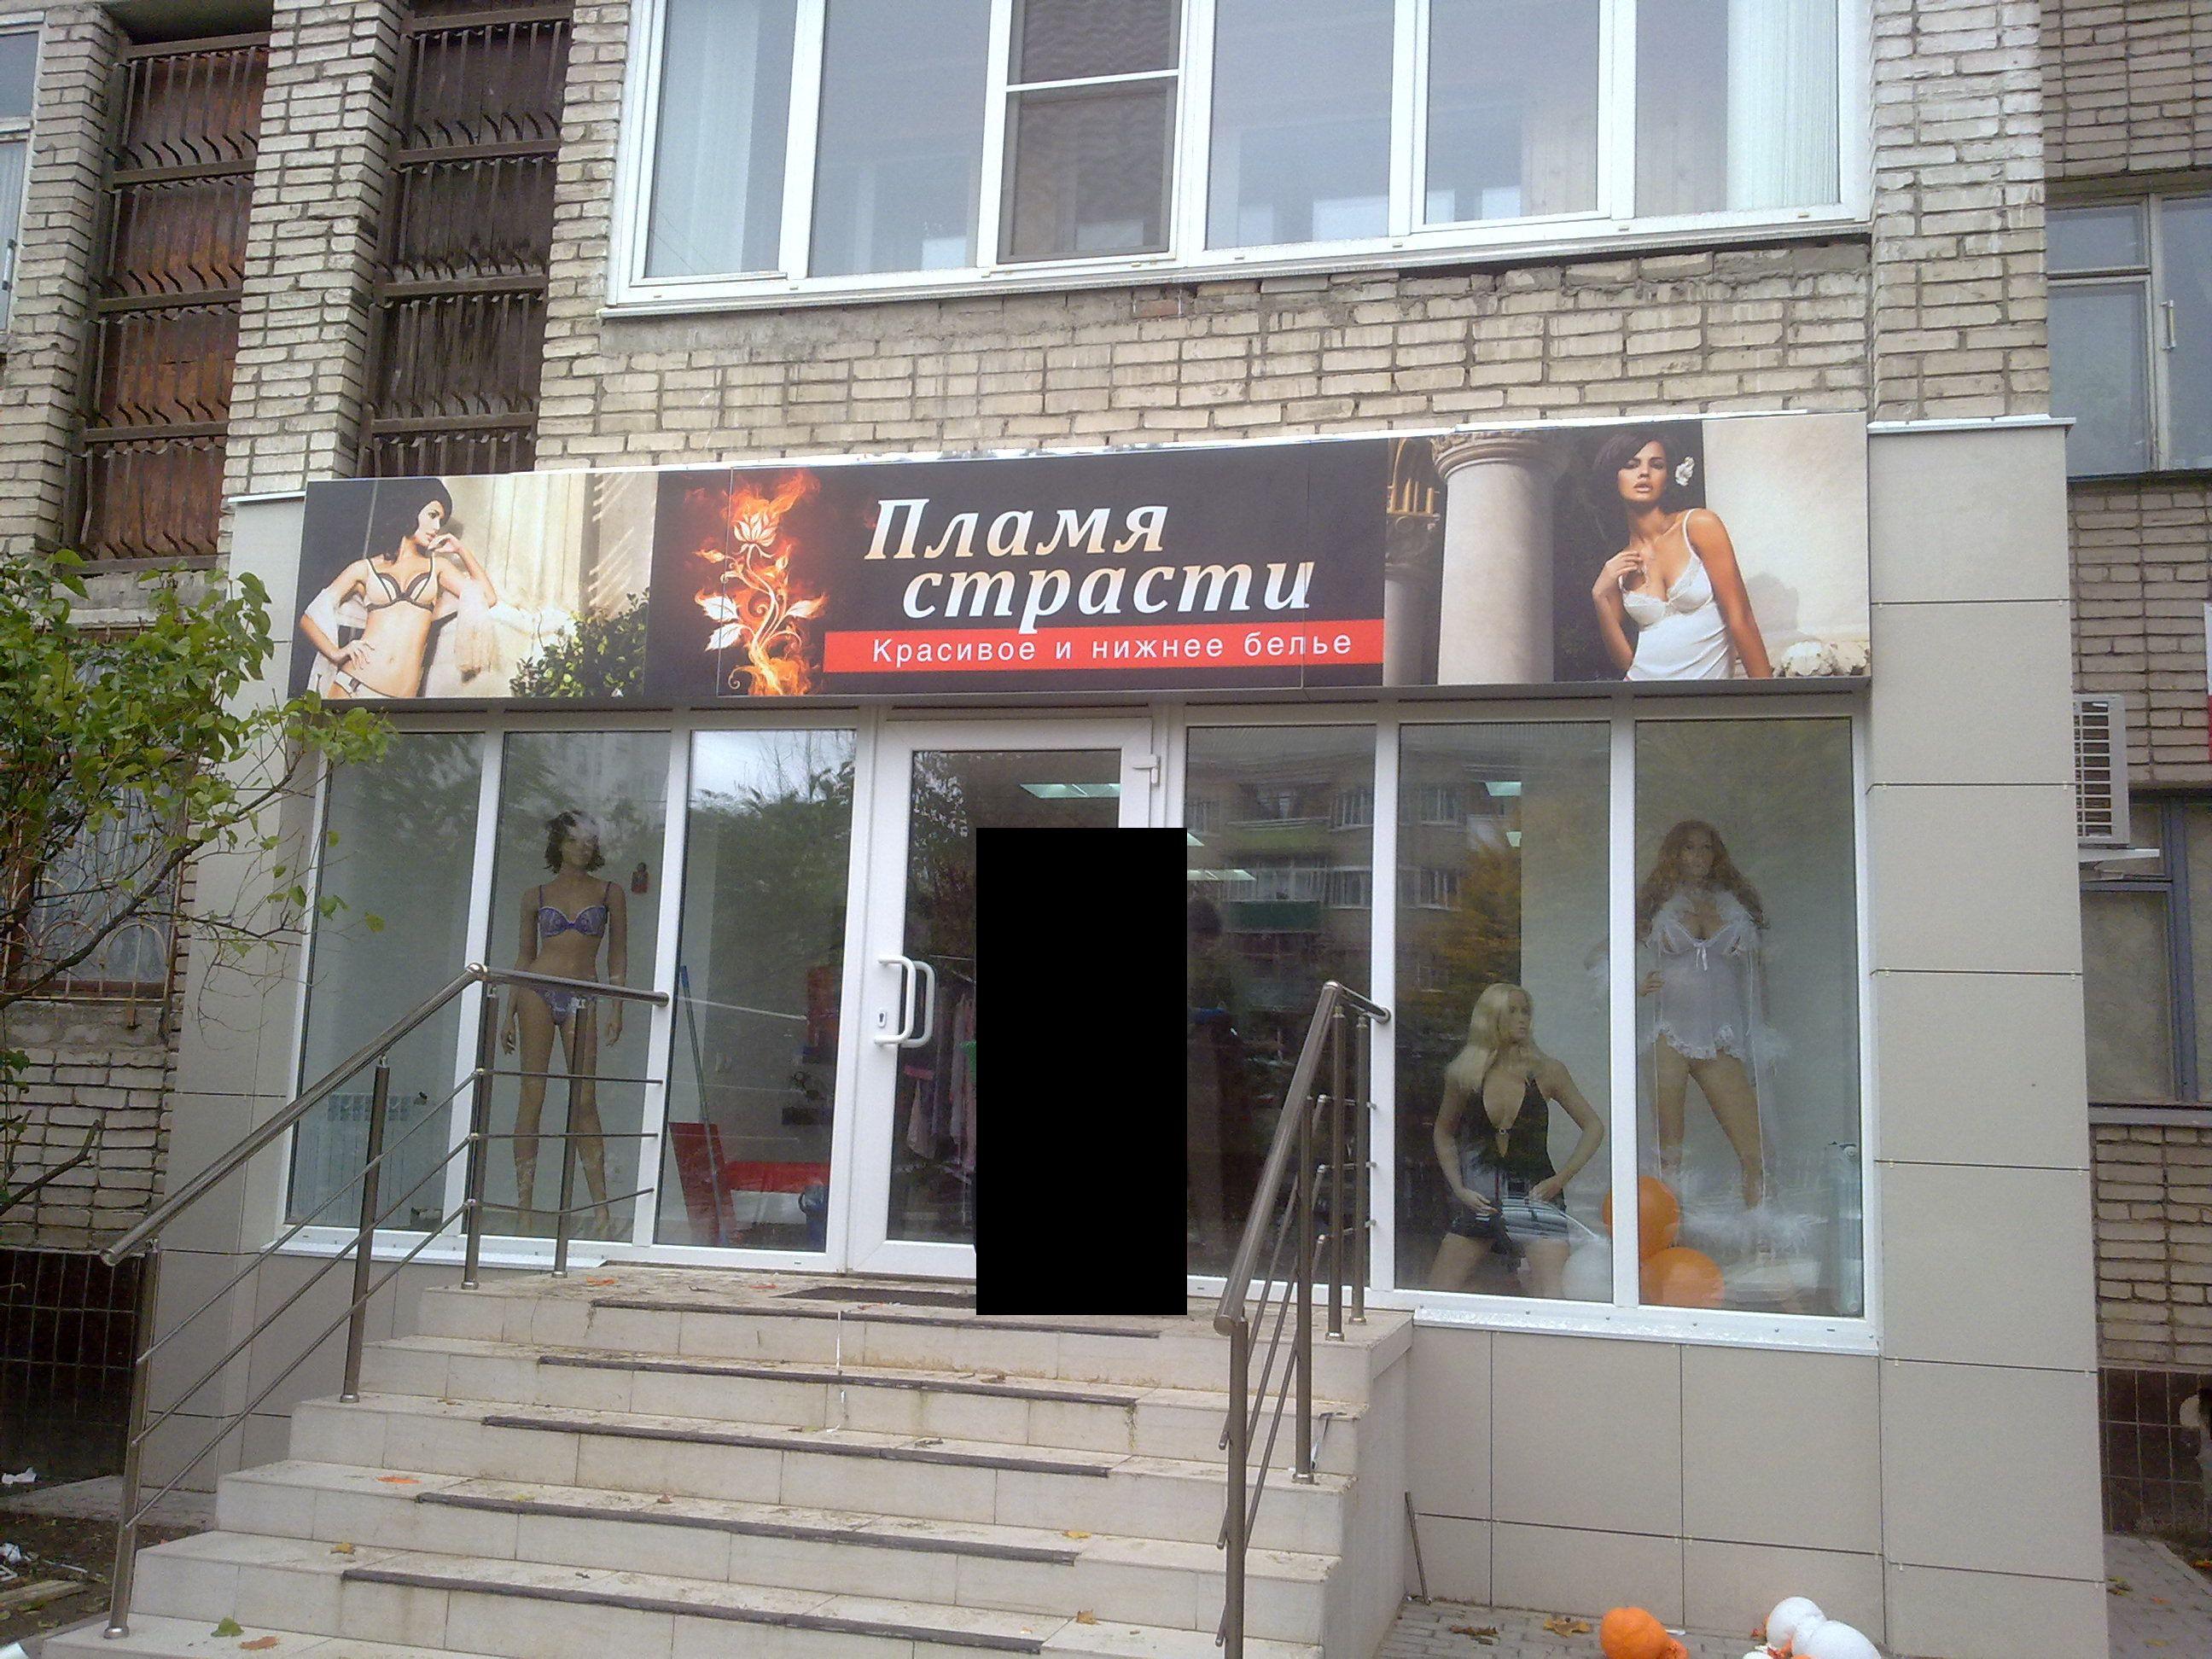 pyanie-devushki-v-kolgotkah